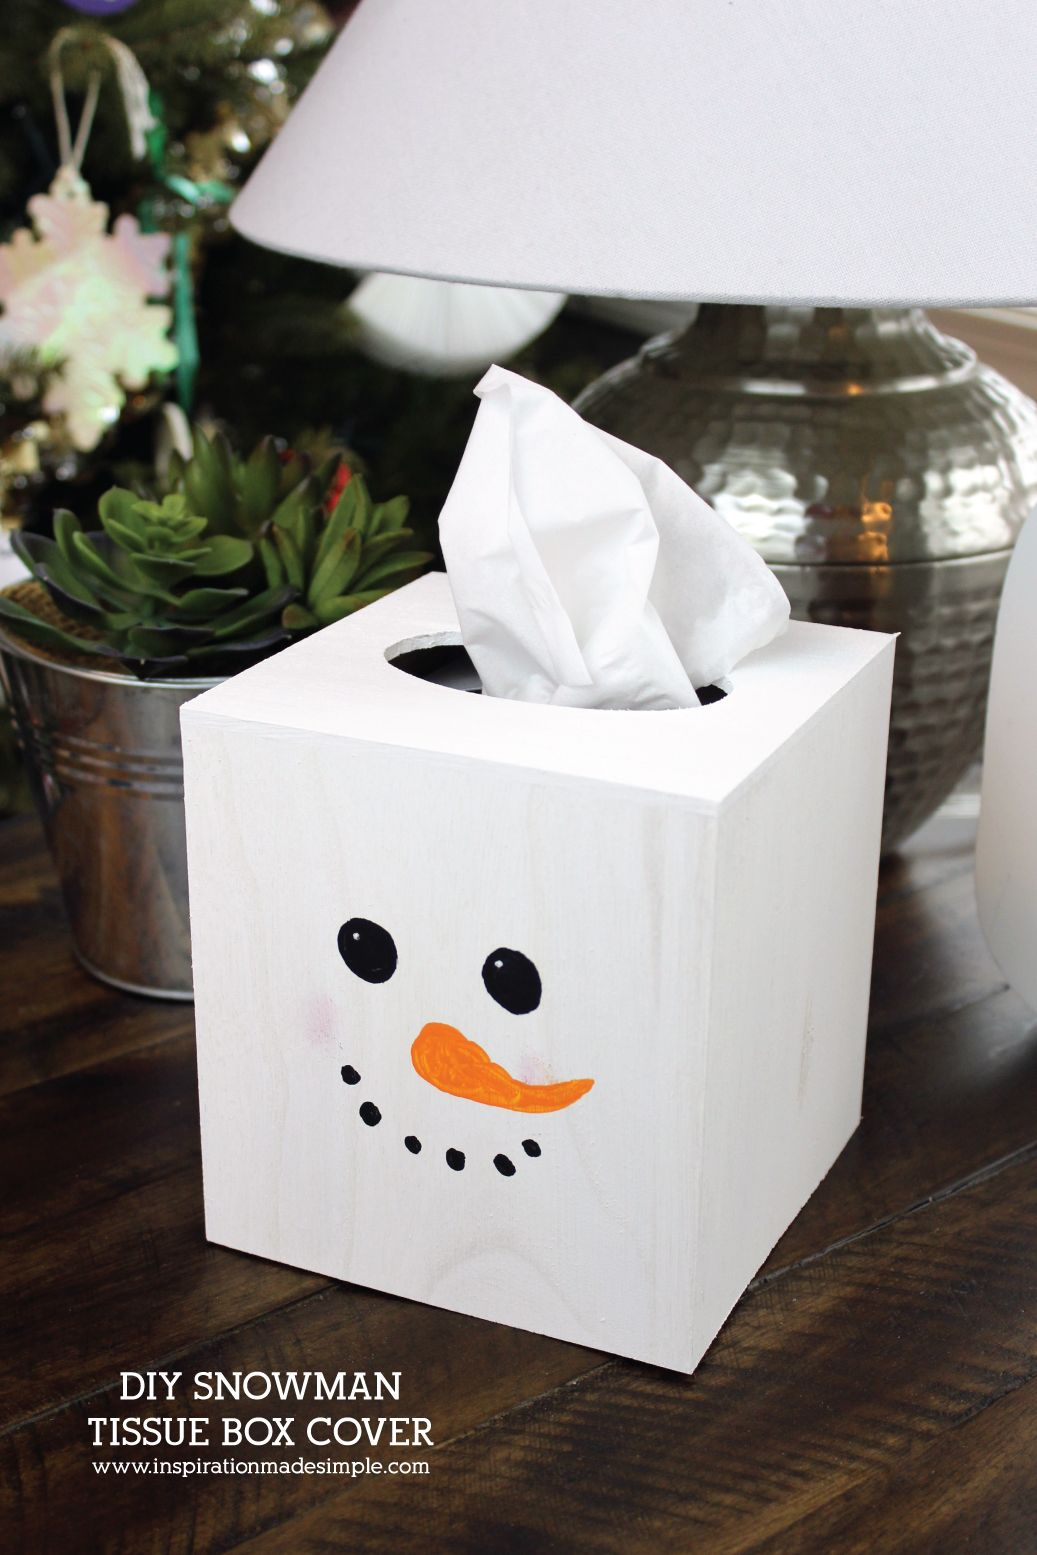 Snowman Tissue Box Cover Kids Craft Inspiration Made Simple Snowman Crafts Diy Tissue Box Crafts Winter Diy Crafts